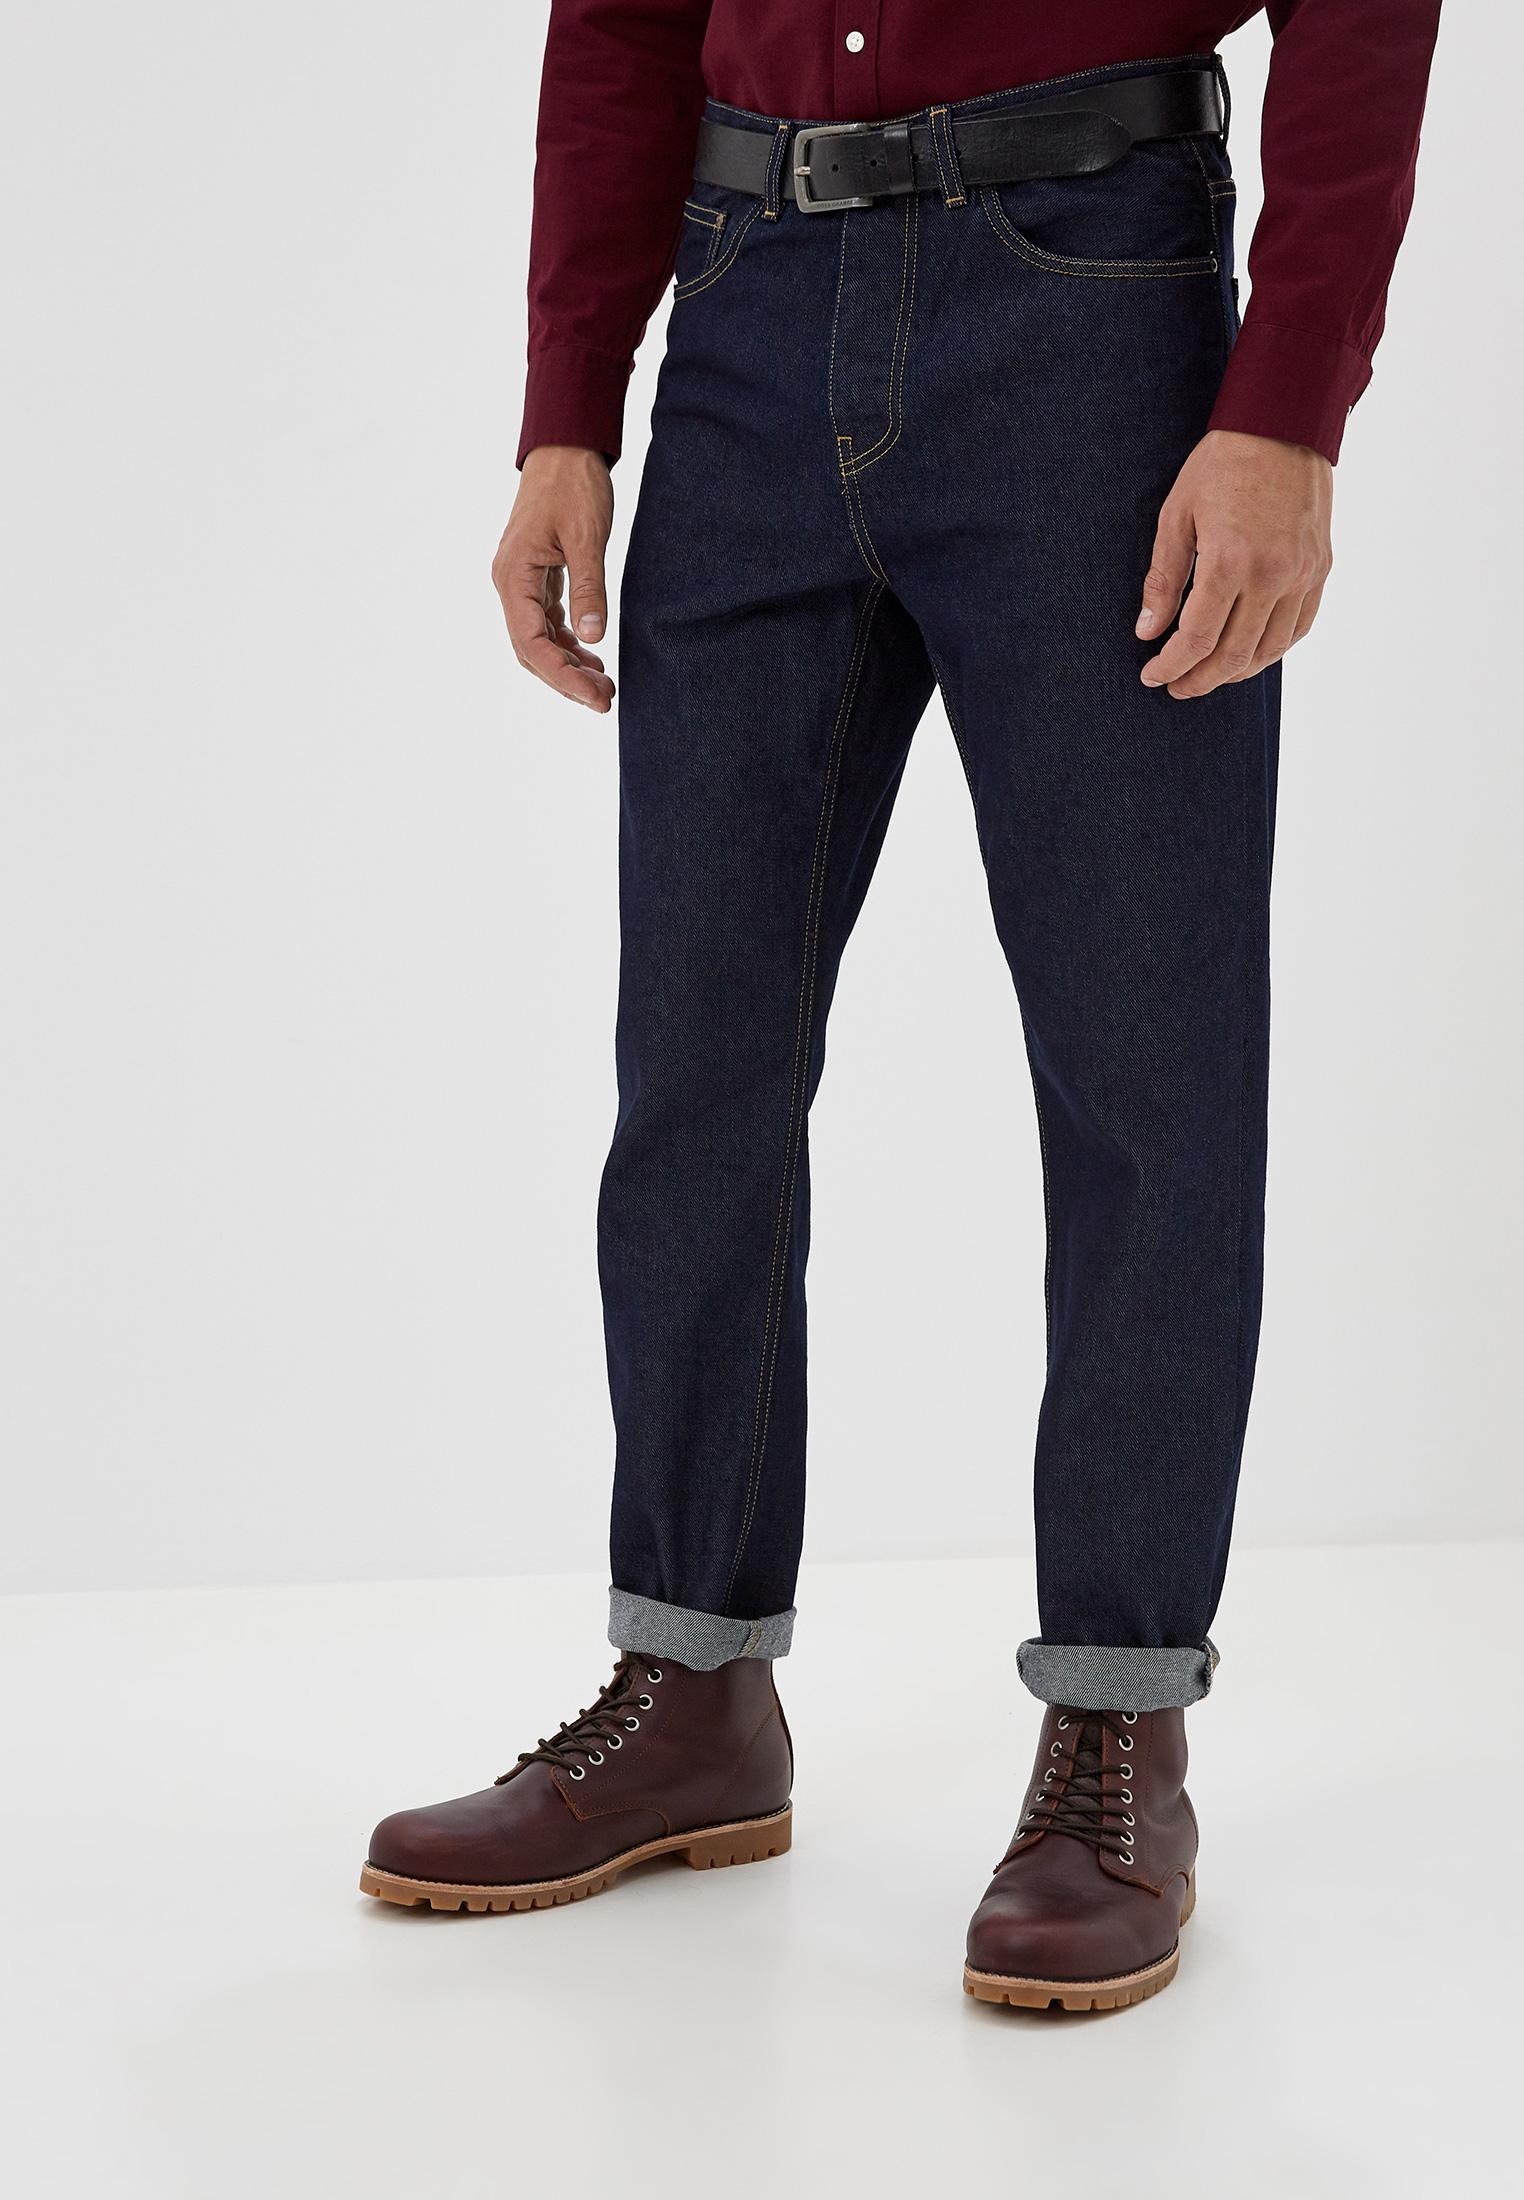 Зауженные джинсы Carhartt I024905